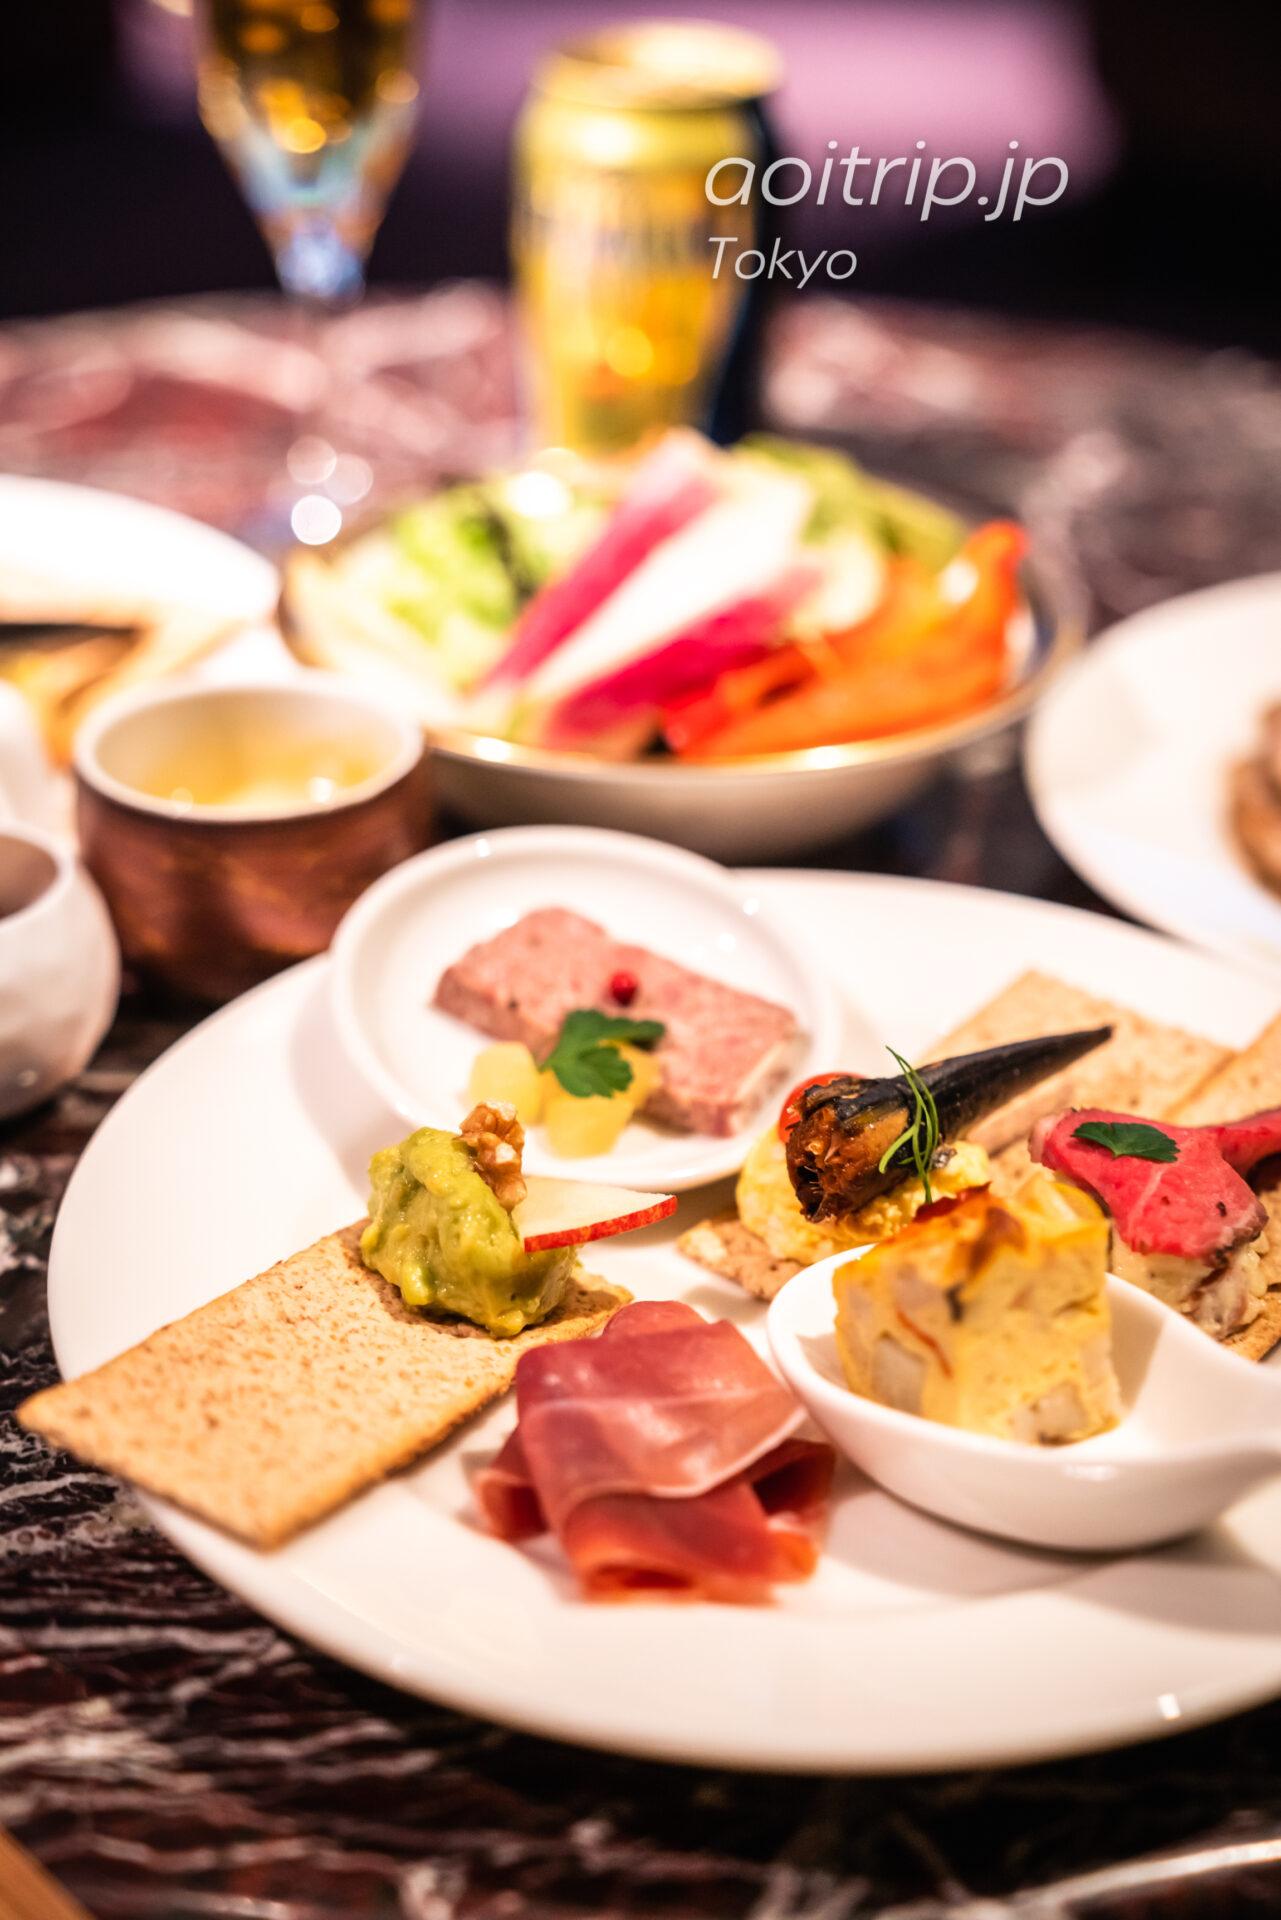 東京マリオットホテルのクラブラウンジ イブニングカクテル